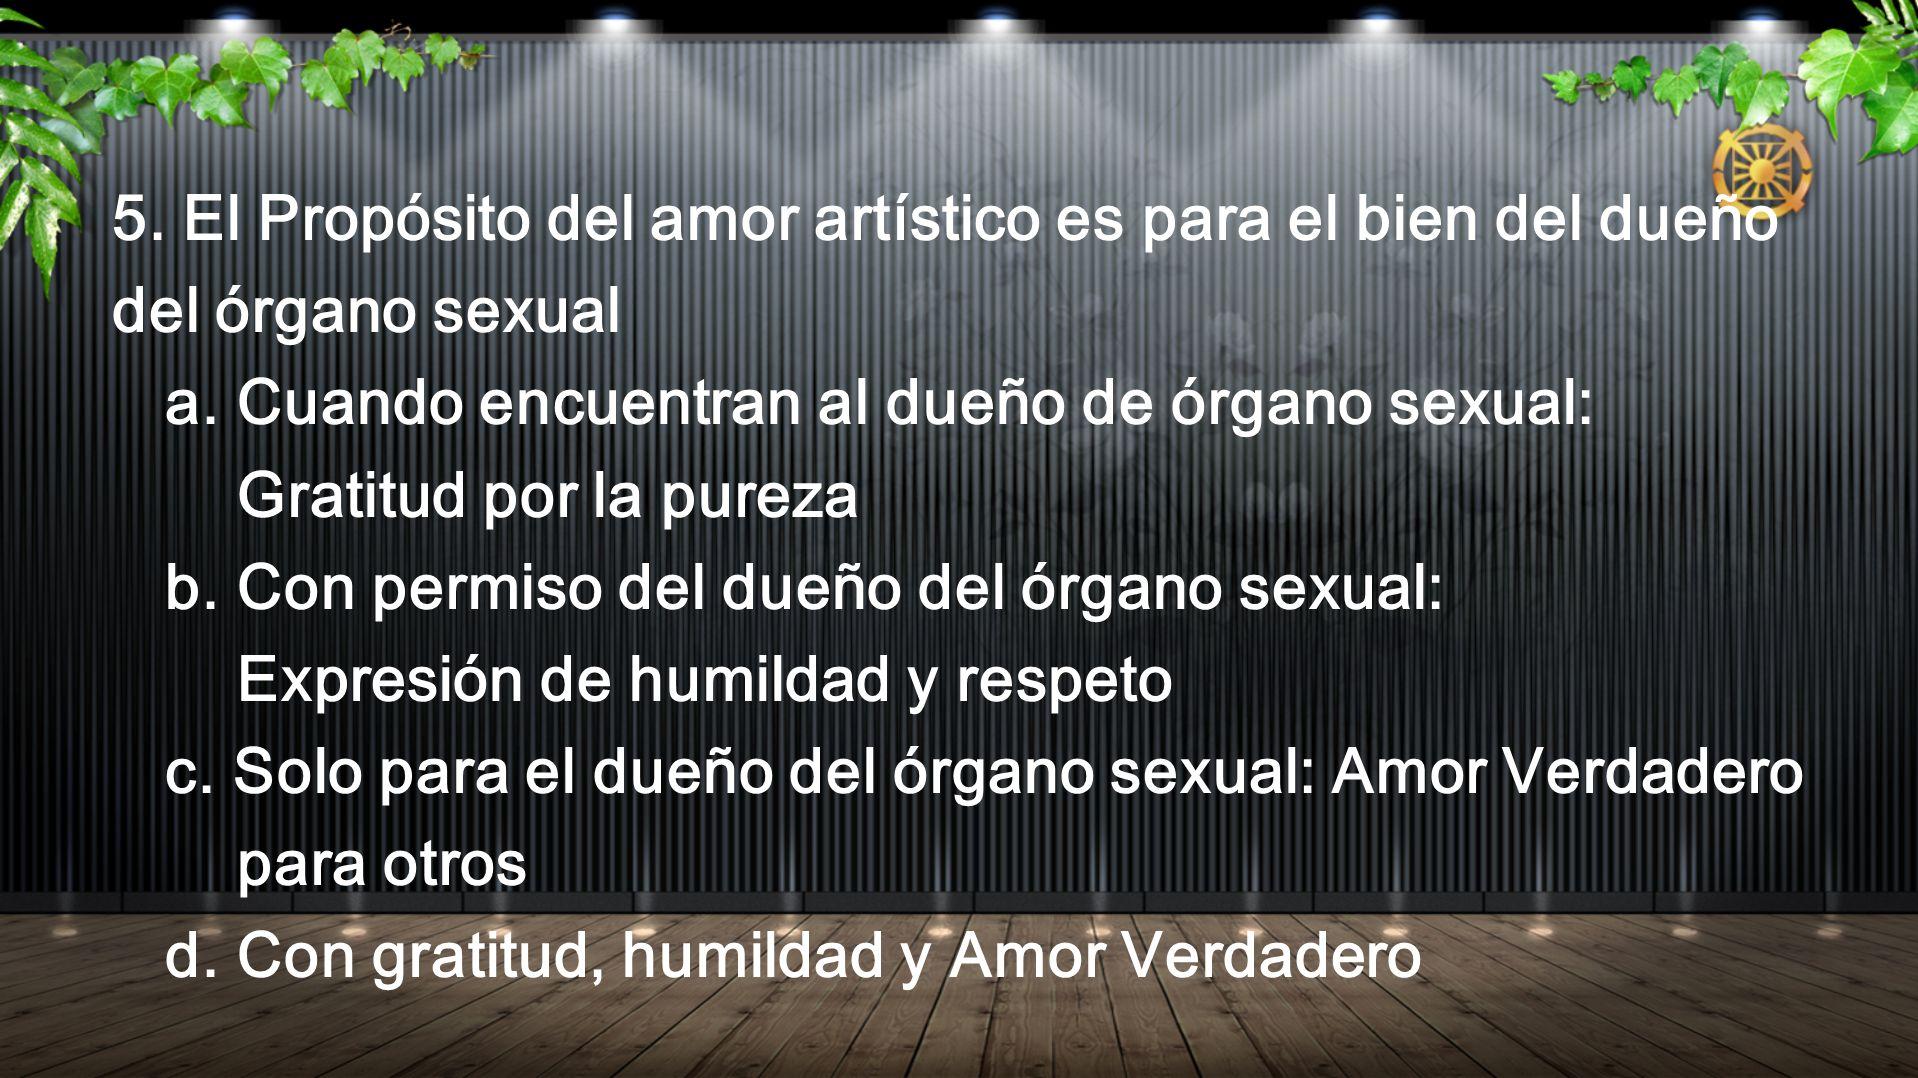 5. El Propósito del amor artístico es para el bien del dueño del órgano sexual a. Cuando encuentran al dueño de órgano sexual: Gratitud por la pureza